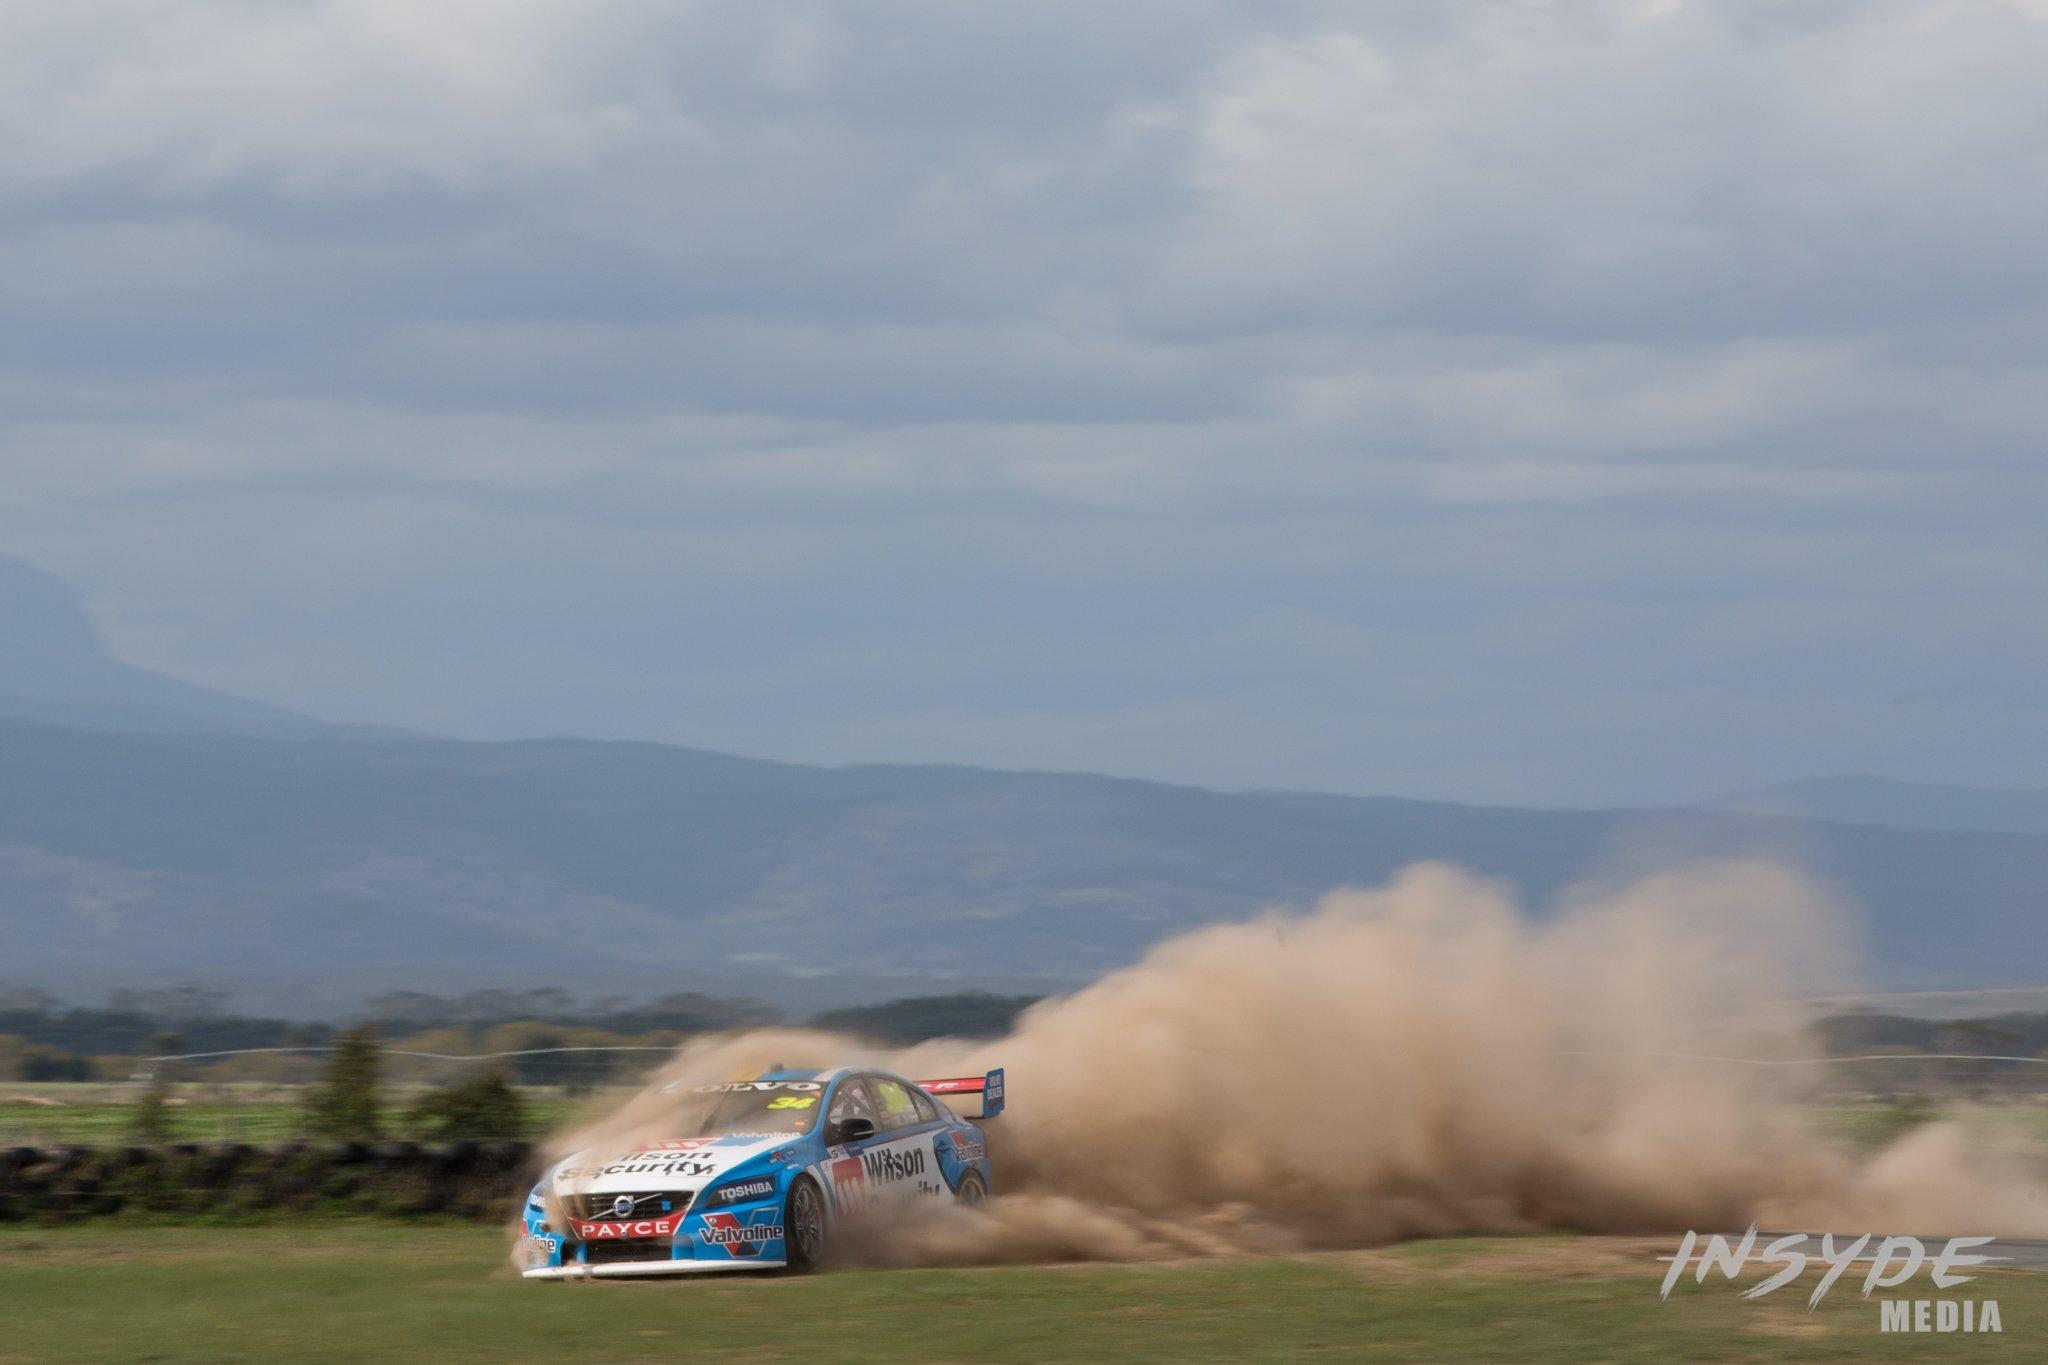 Motorsport-VASC-InSydeMedia-013